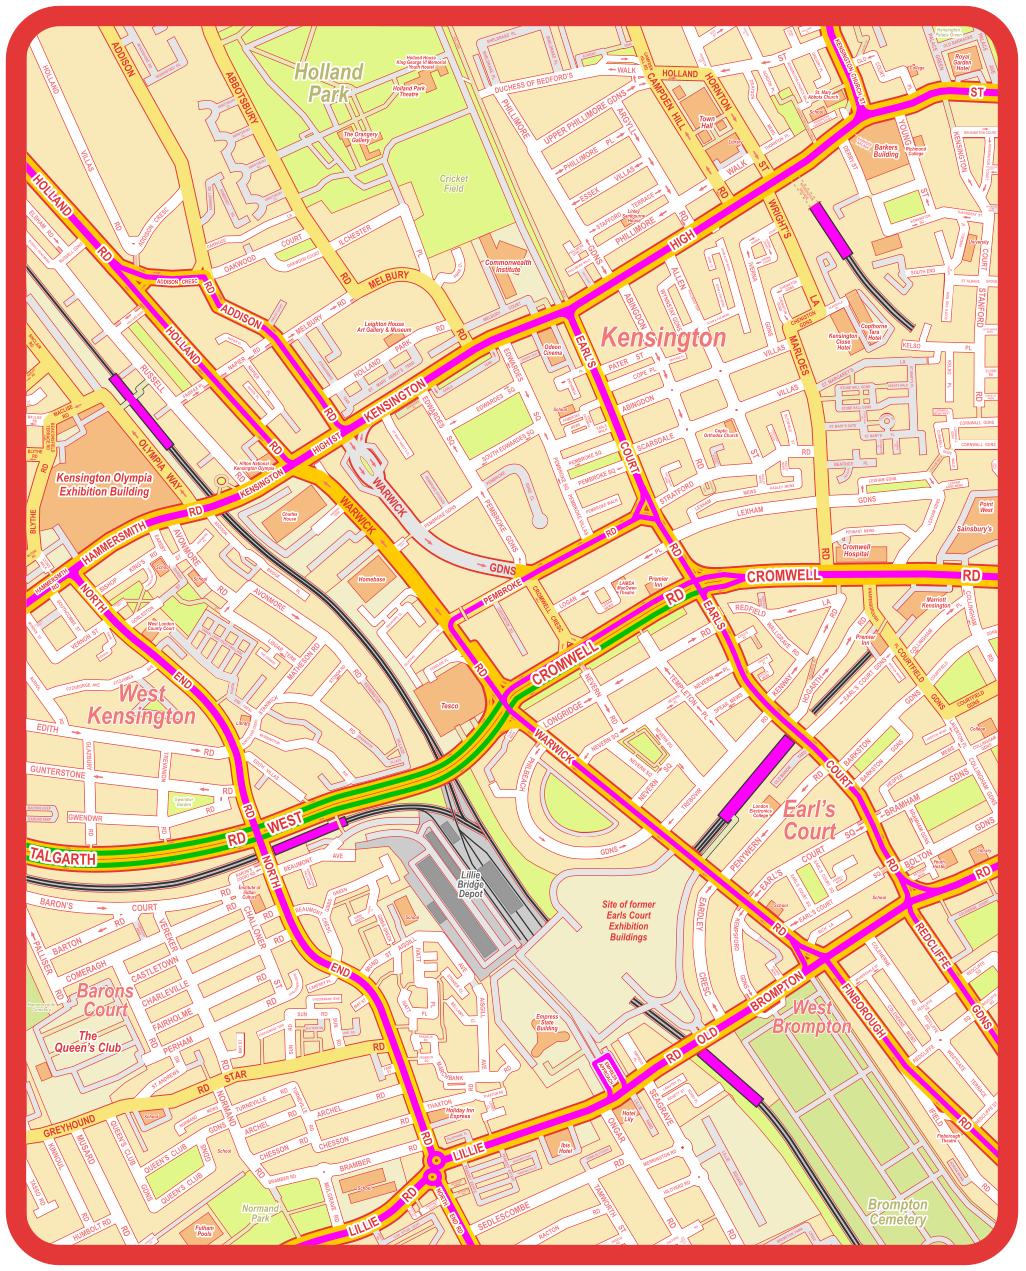 London Public Transport Map.Complete Public Transport London Bus Route Map Of Earl S Court